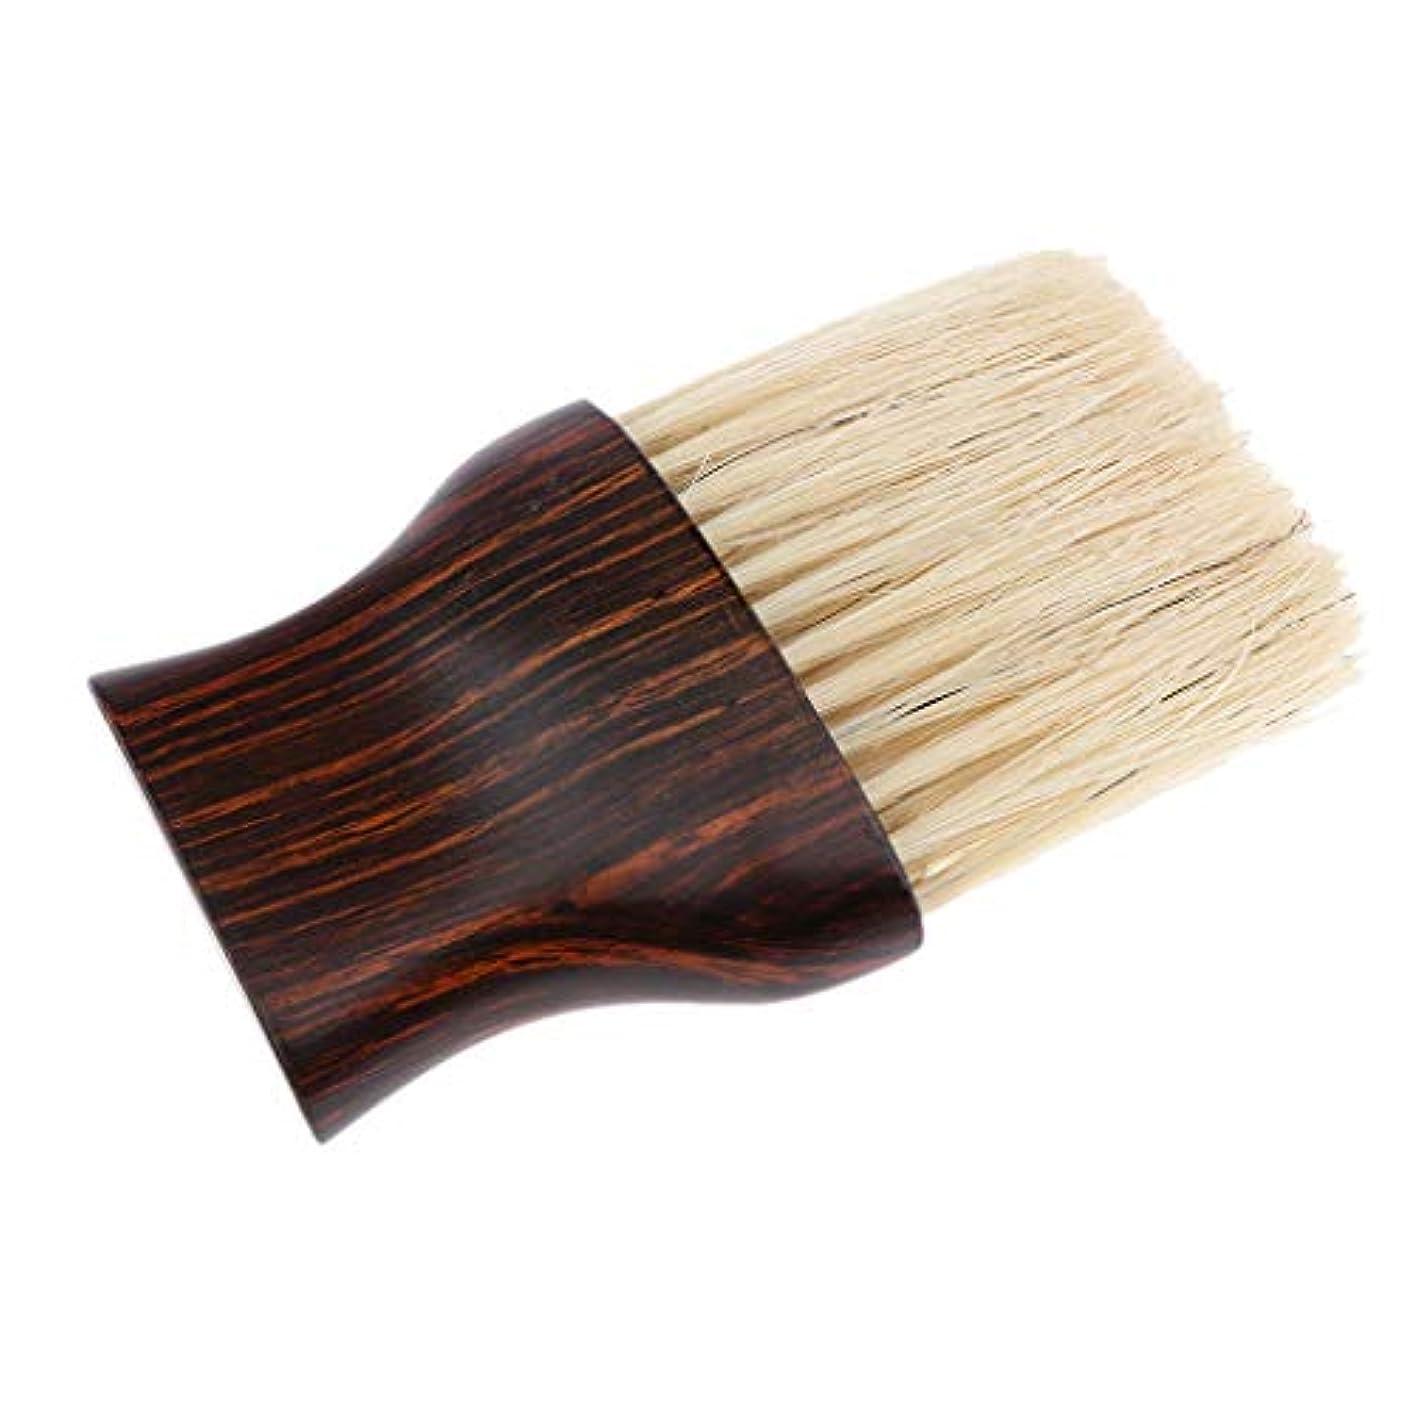 リーン谷食い違いヘアブラシ 毛払いブラシ 散髪 髪切り 散髪用ツール 床屋 理髪店 美容院 ソフトブラシ